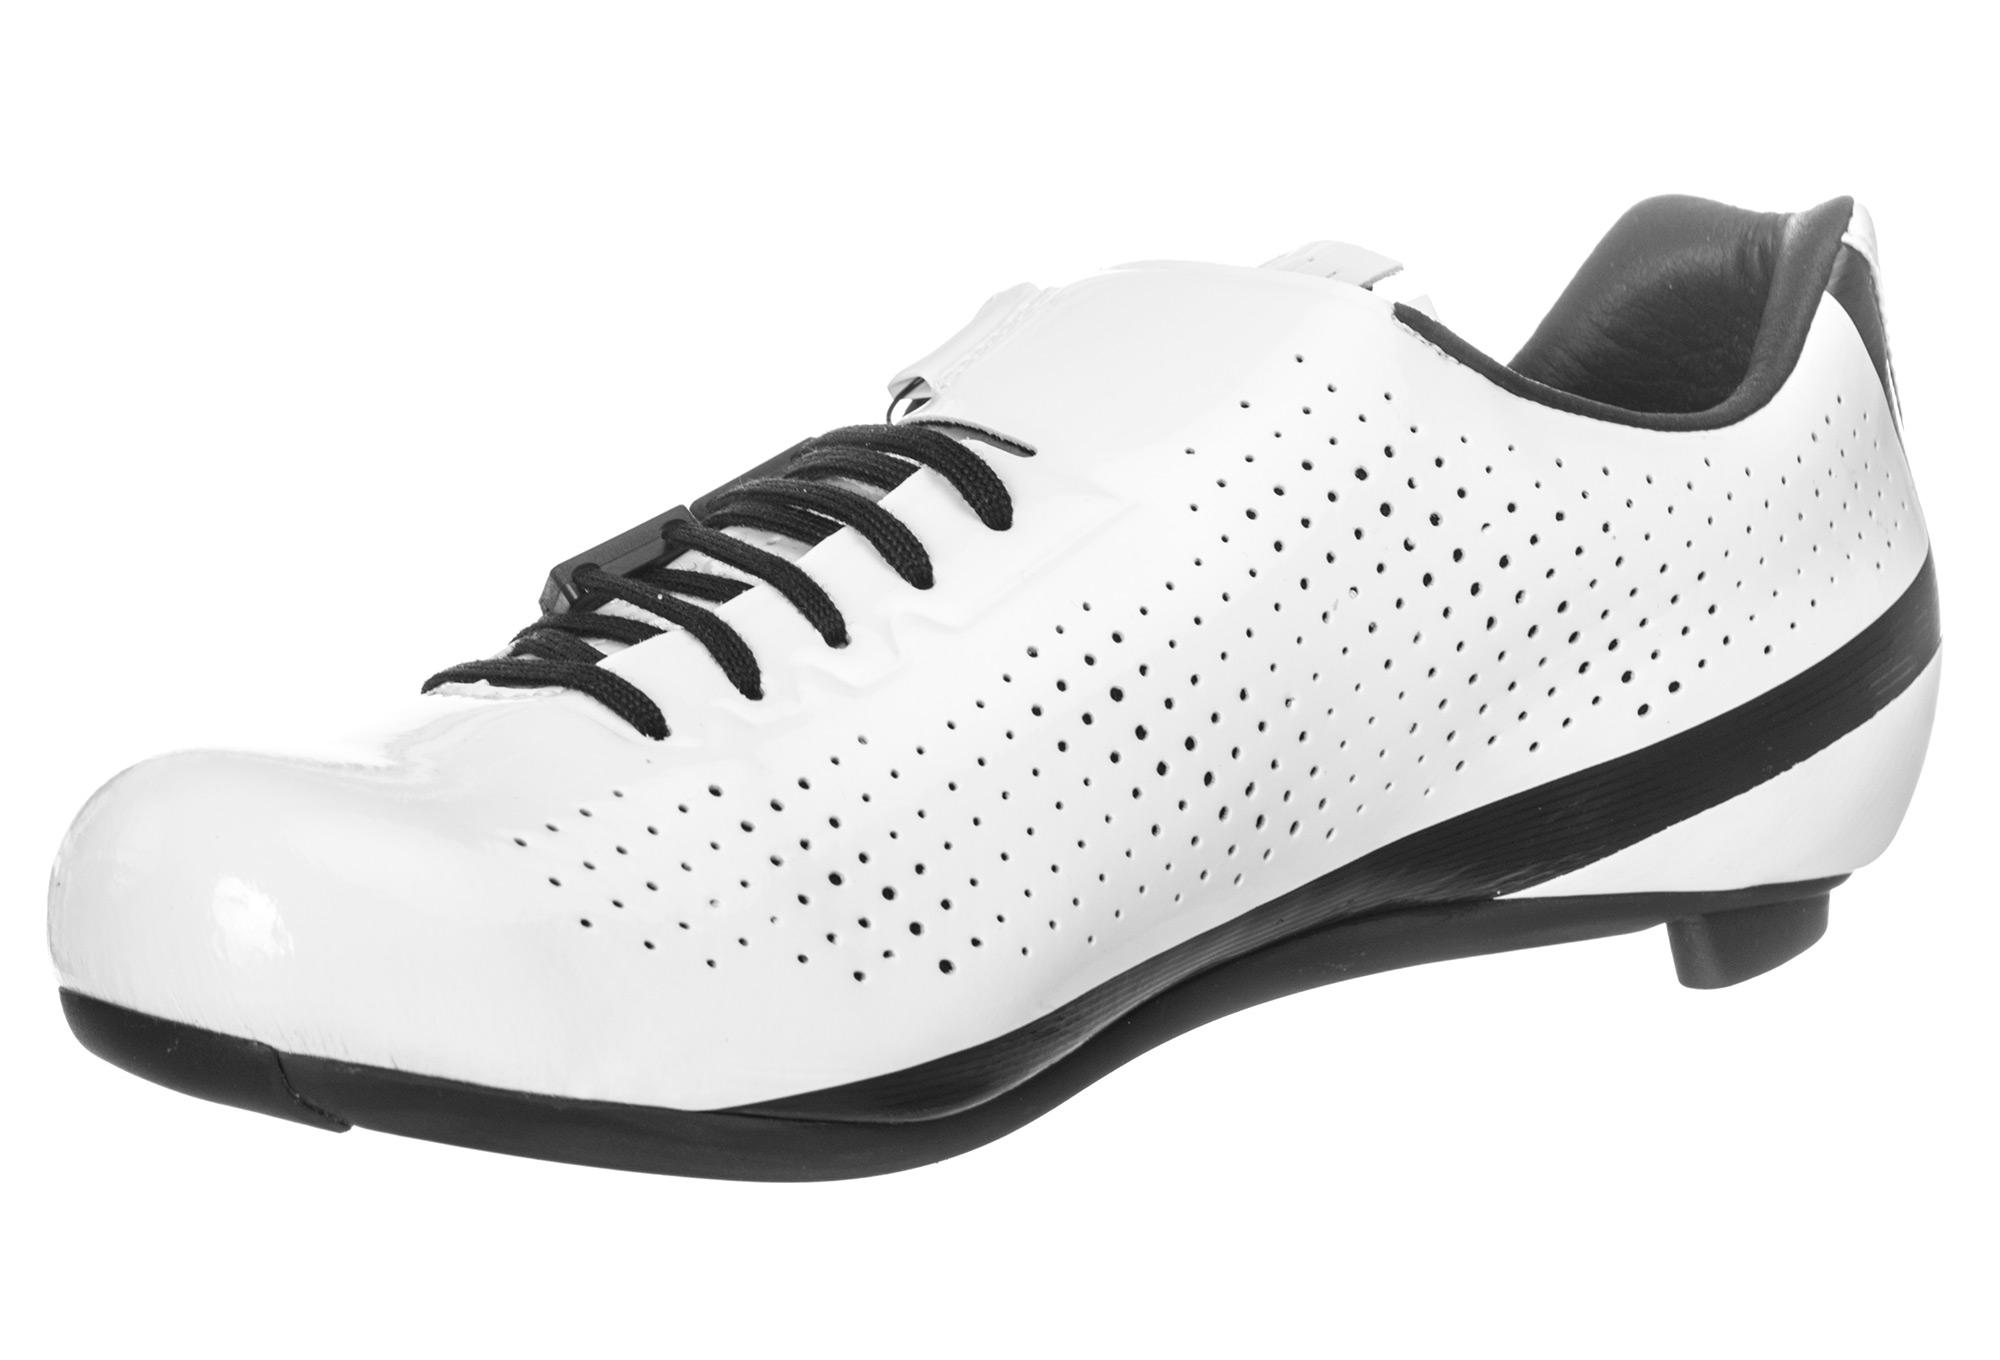 De Techlace Paire Giro Noir Blanc Chaussures Factor Route pgdd78qnf